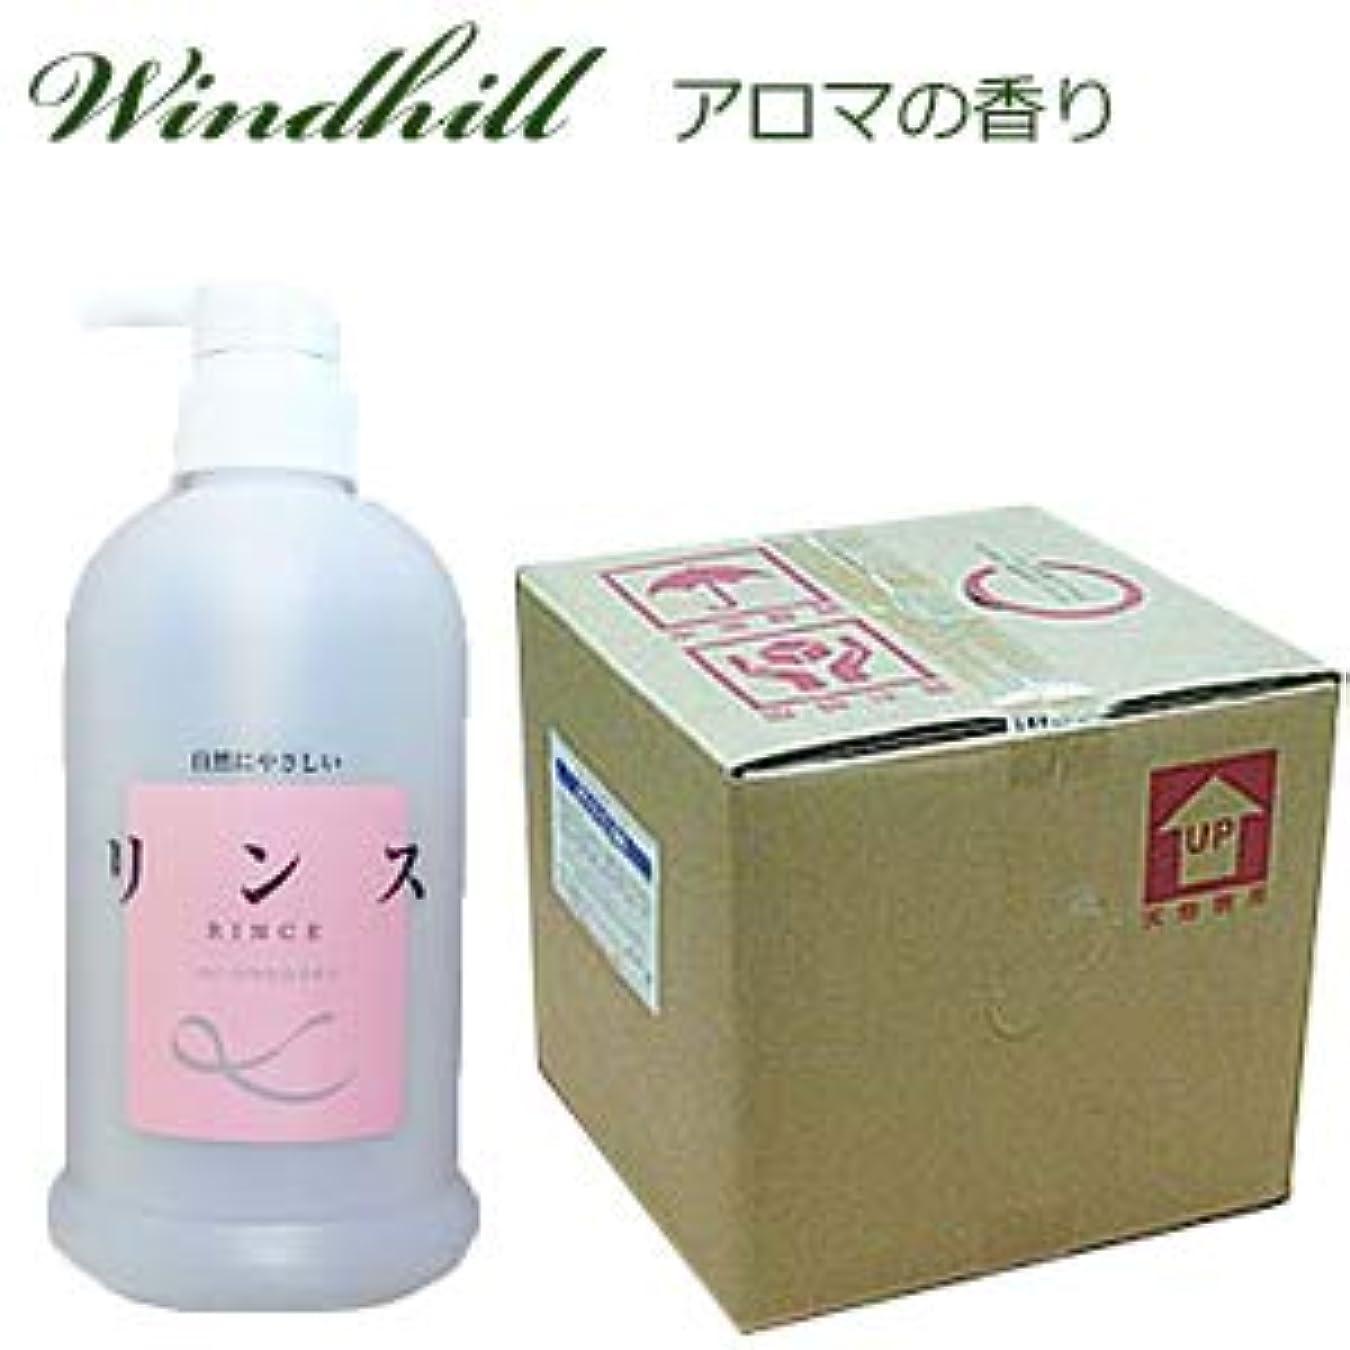 ソファーきらめきトリムなんと! 500ml当り188円 Windhill 植物性業務用 リンス 紅茶を思うアロマの香り 20L